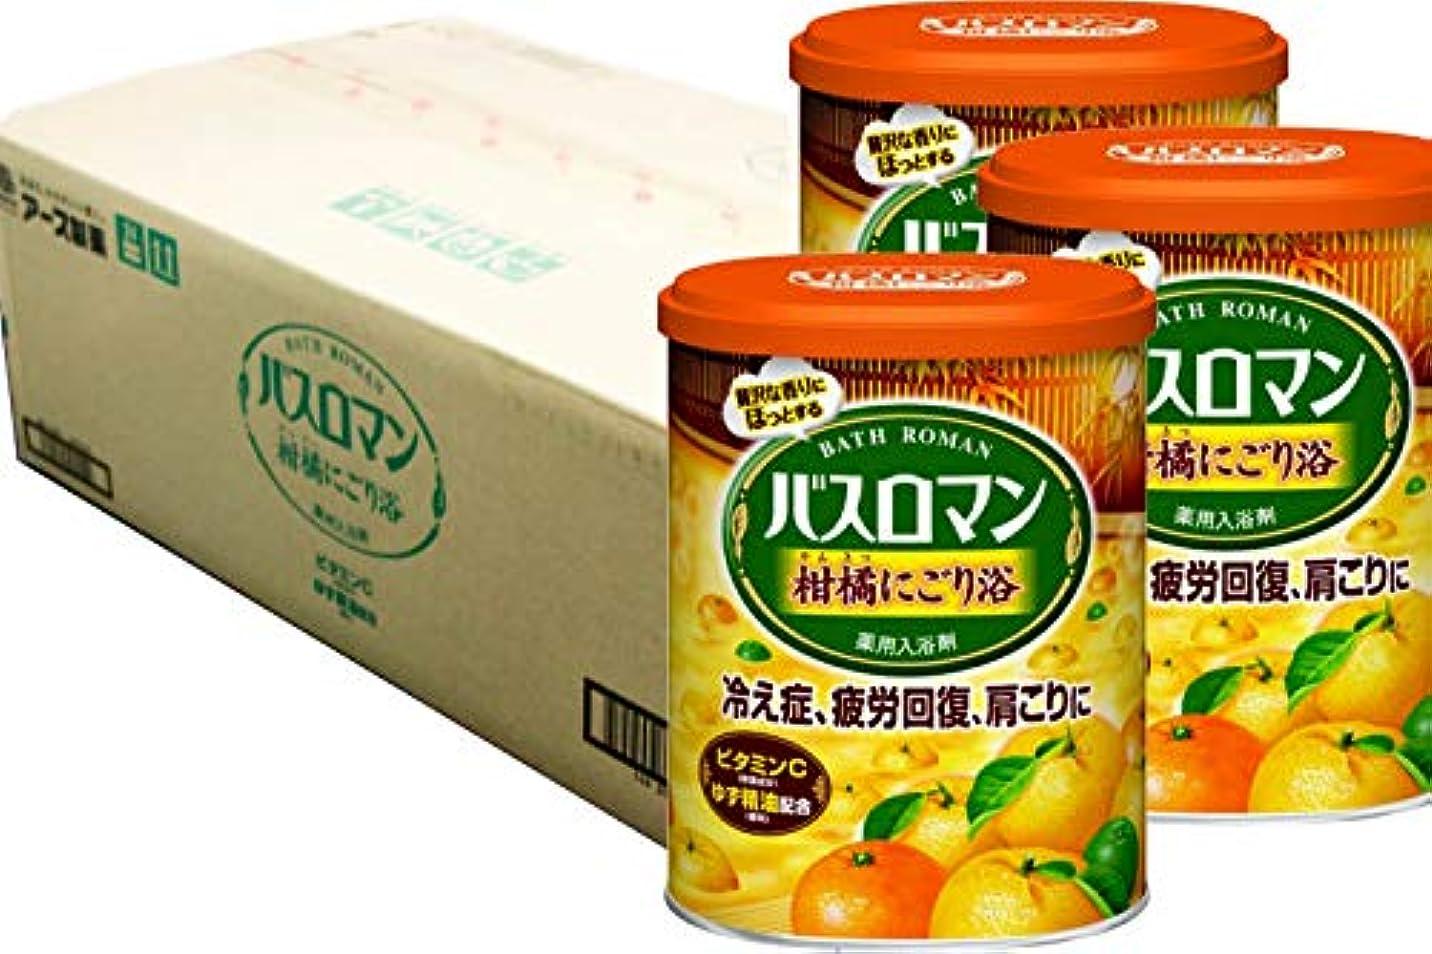 ジャンク変形する起きてバスロマン 柑橘にごり浴 (1ケース(12個入))